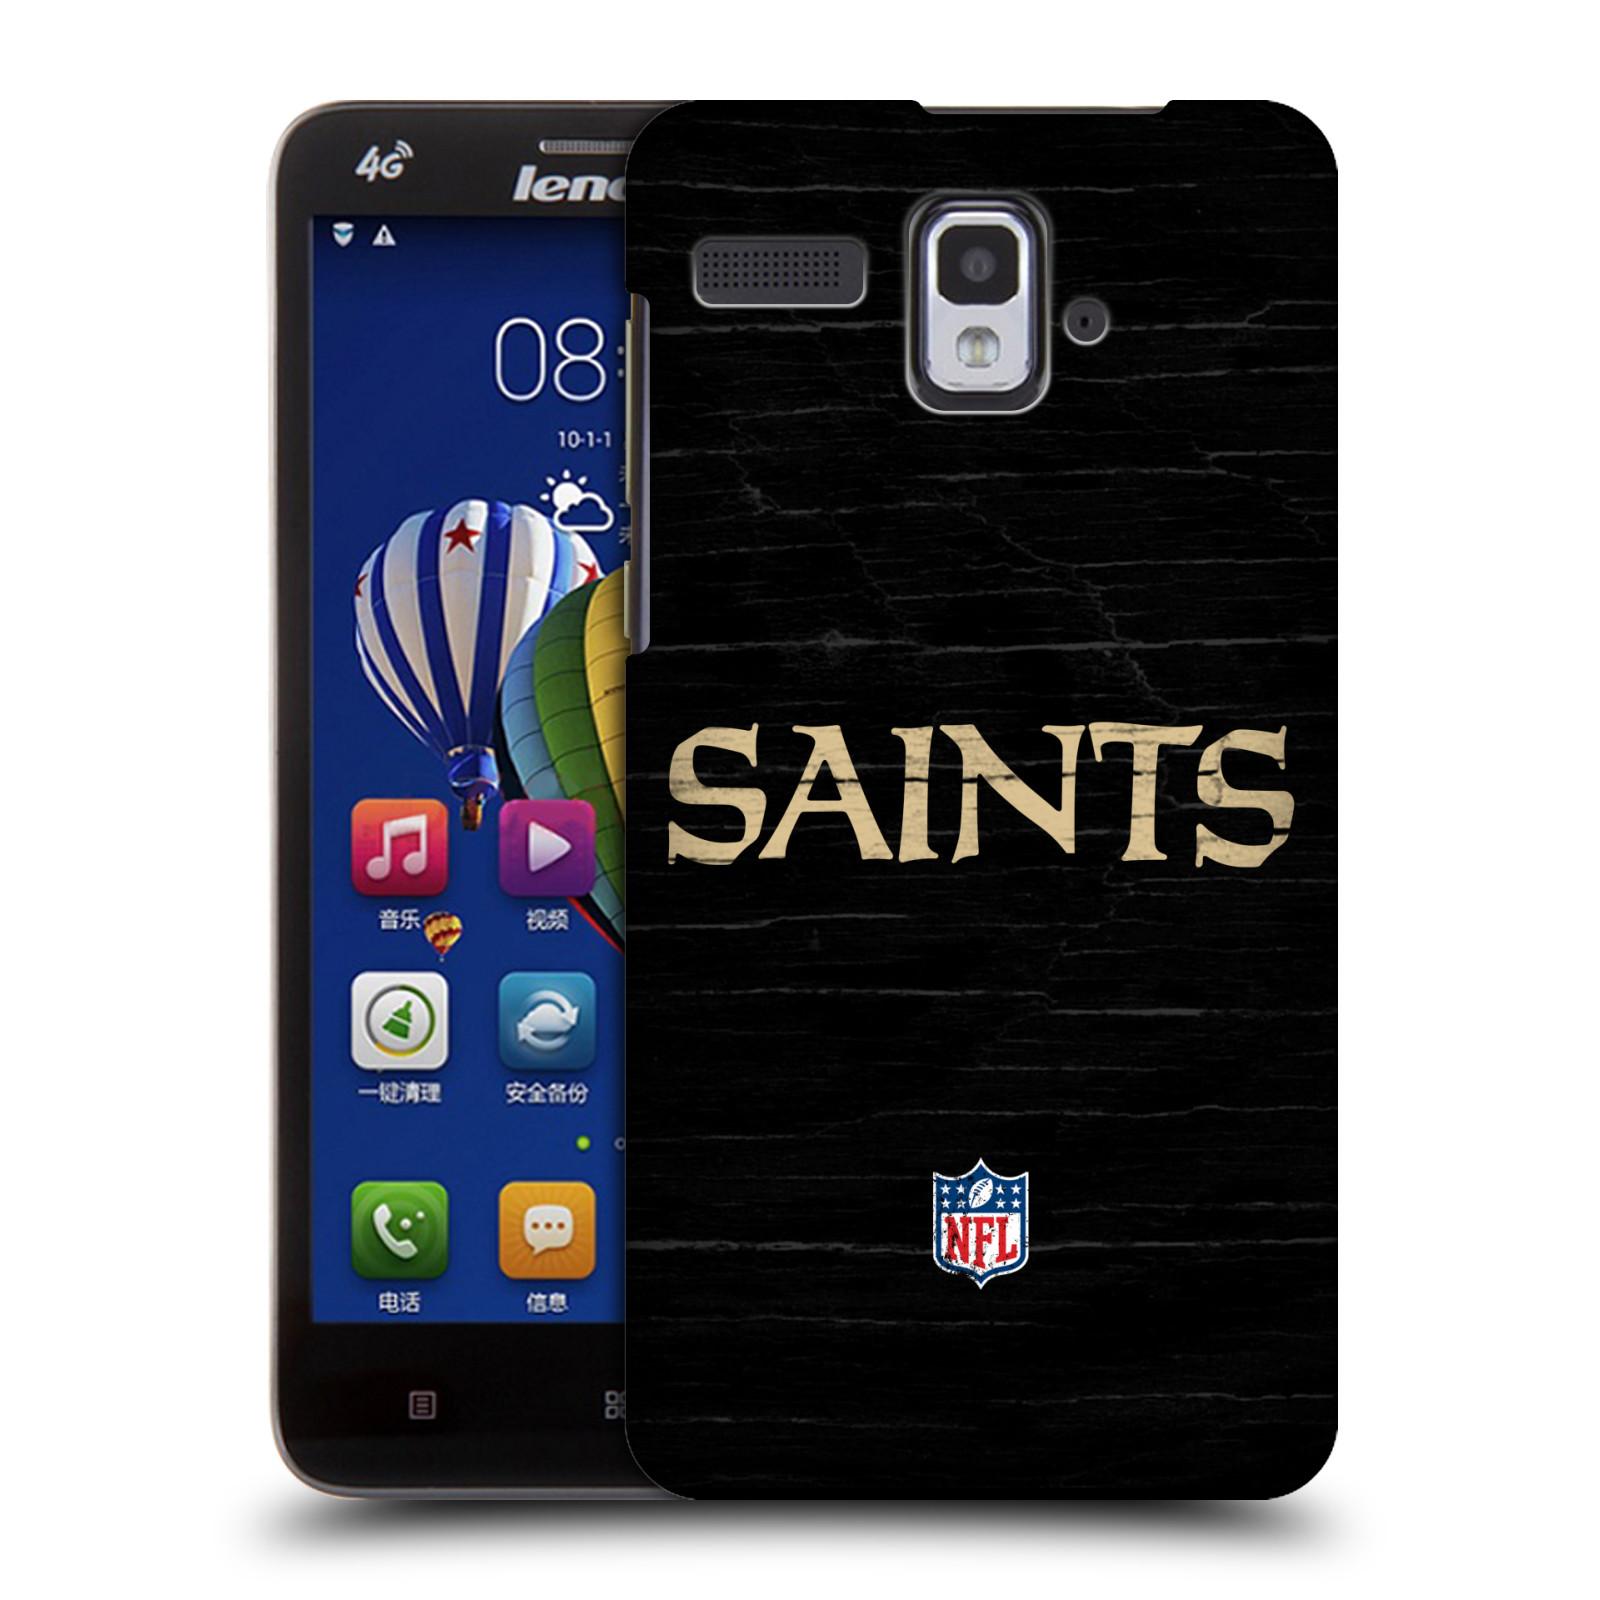 OFFICIAL NFL NEW ORLEANS SAINTS LOGO HARD BACK CASE FOR LENOVO PHONES